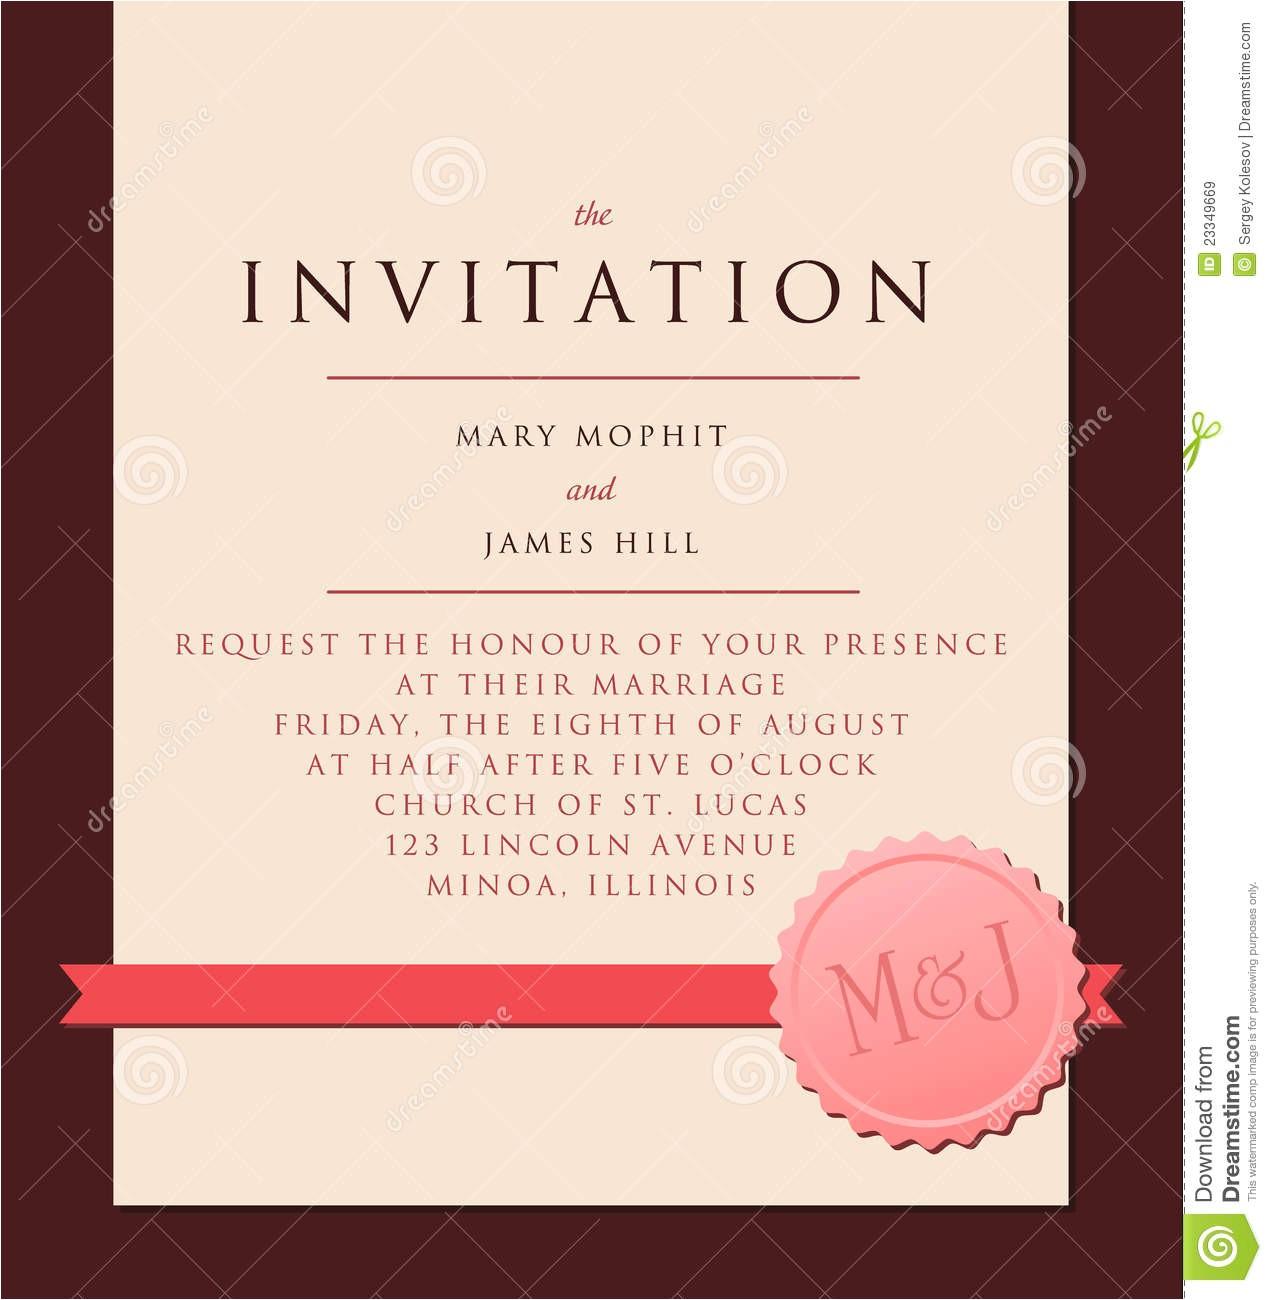 royalty free stock images elegant invitation to wedding image23349669